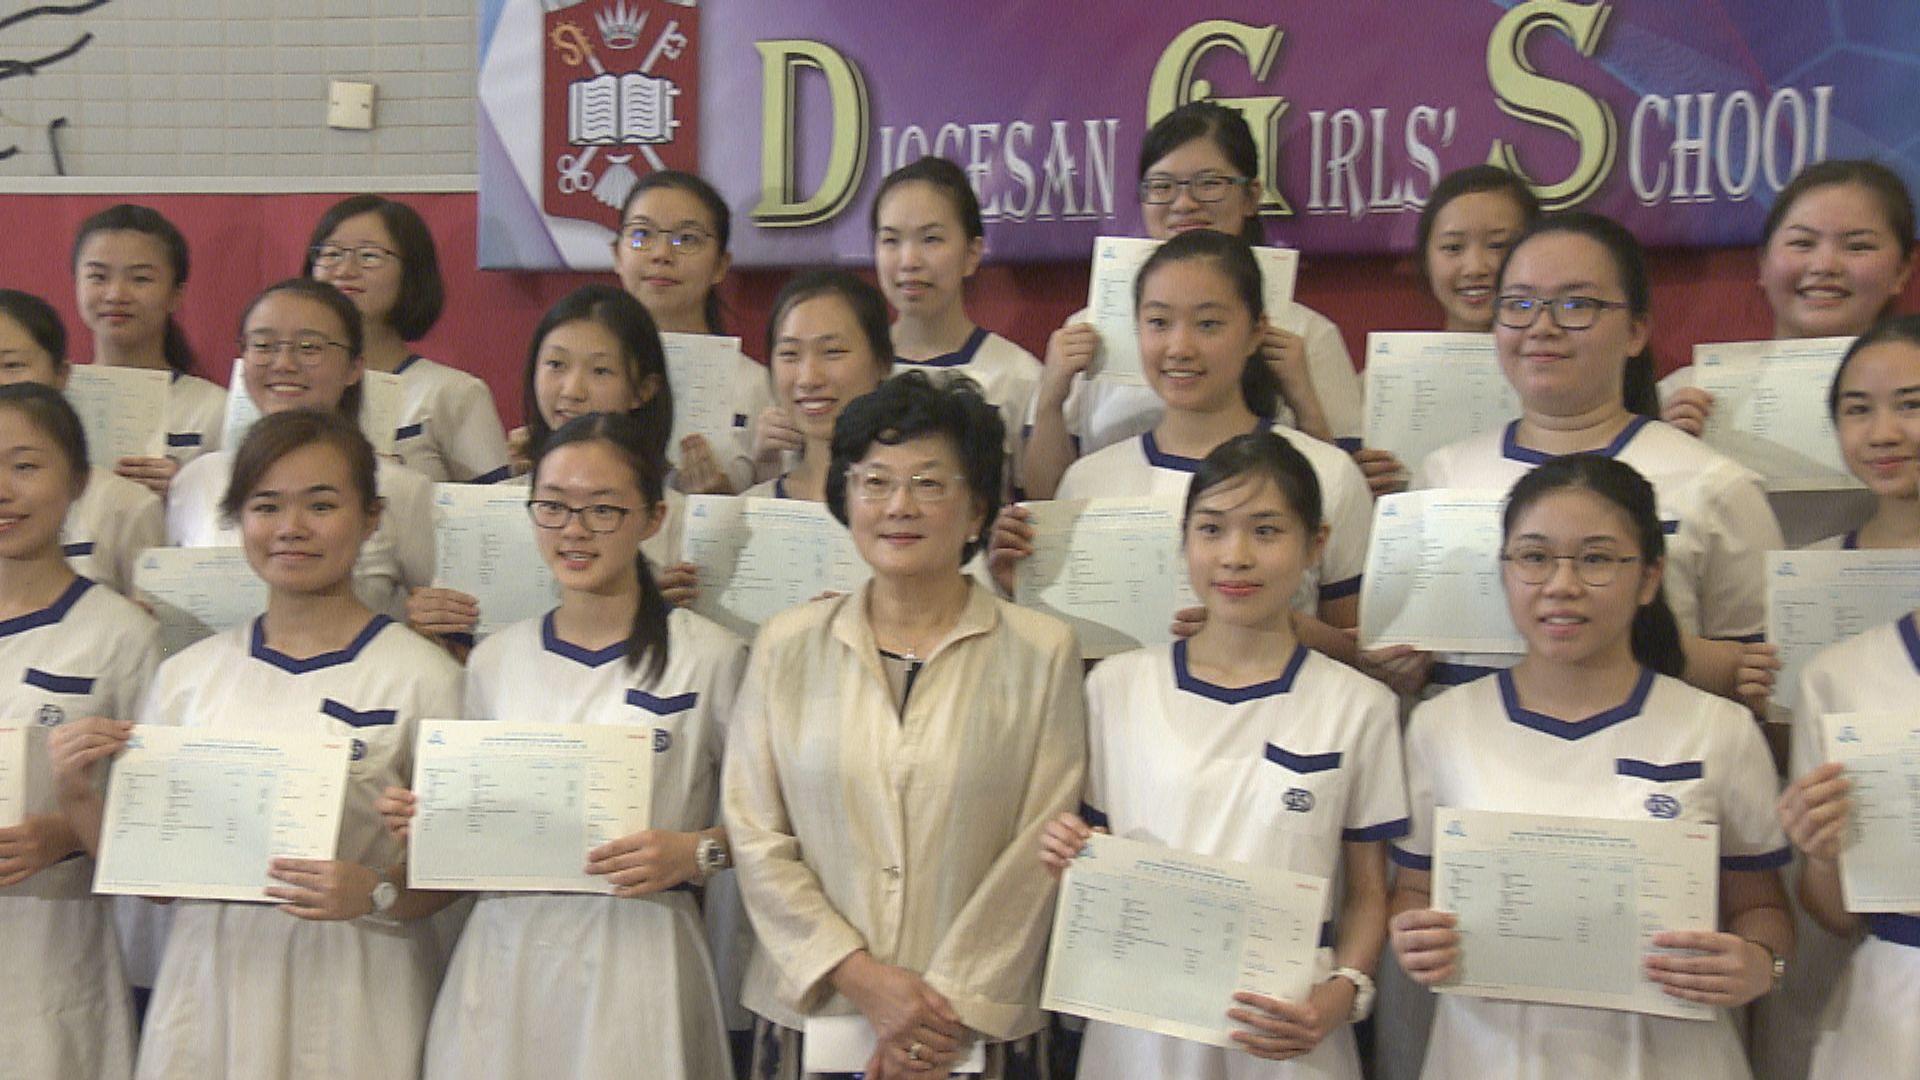 文憑試明放榜 18572名日校生合資格入大學